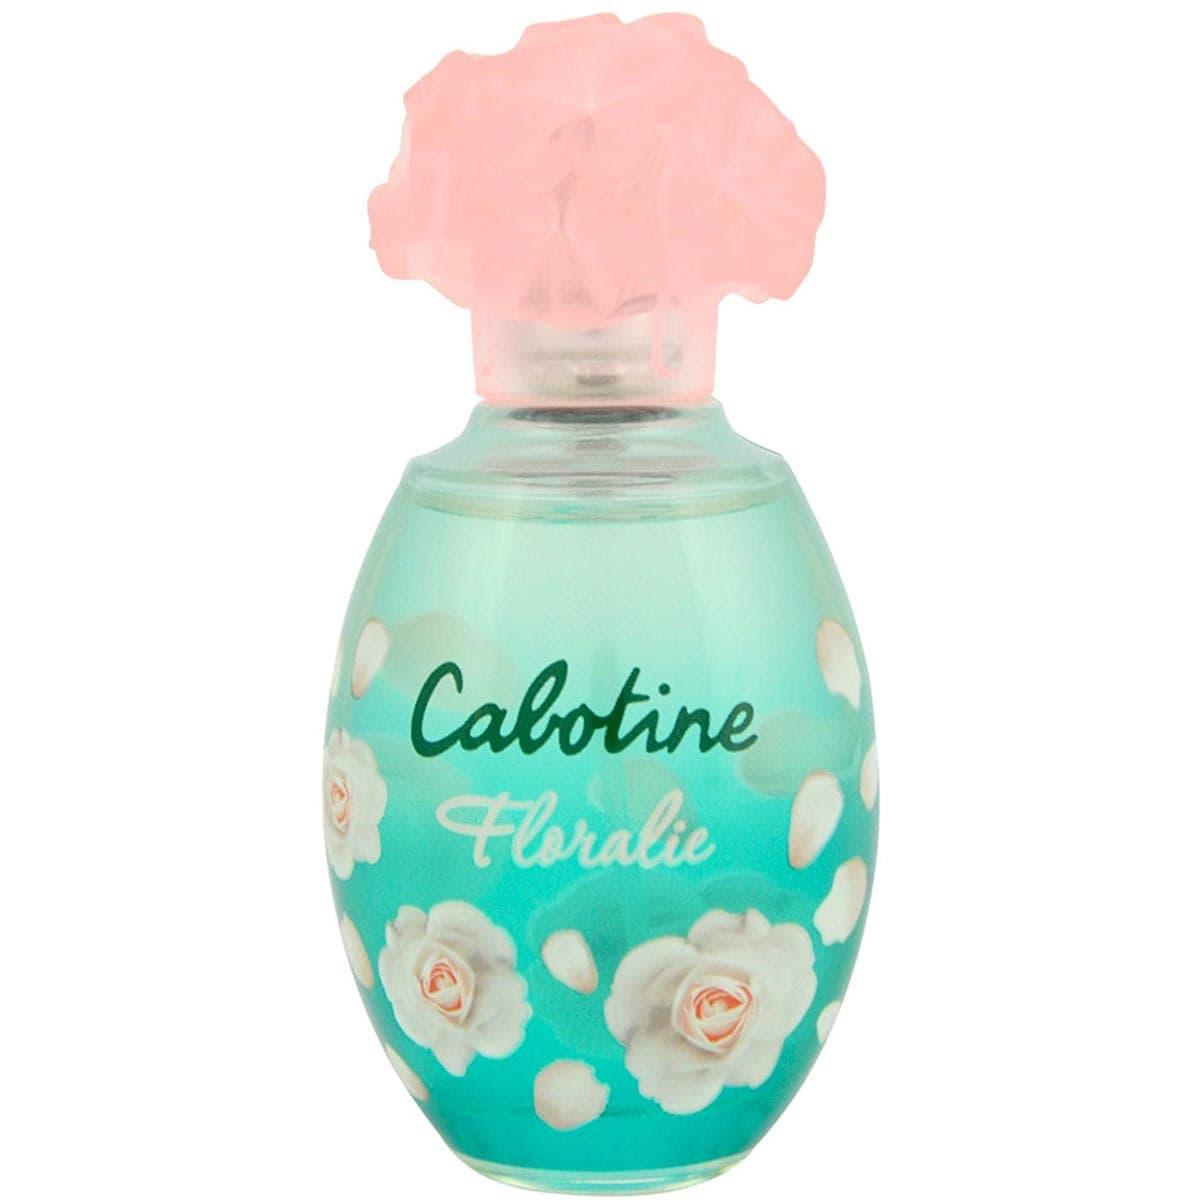 Cabotine Floralie Eau de toilette - GRÈS